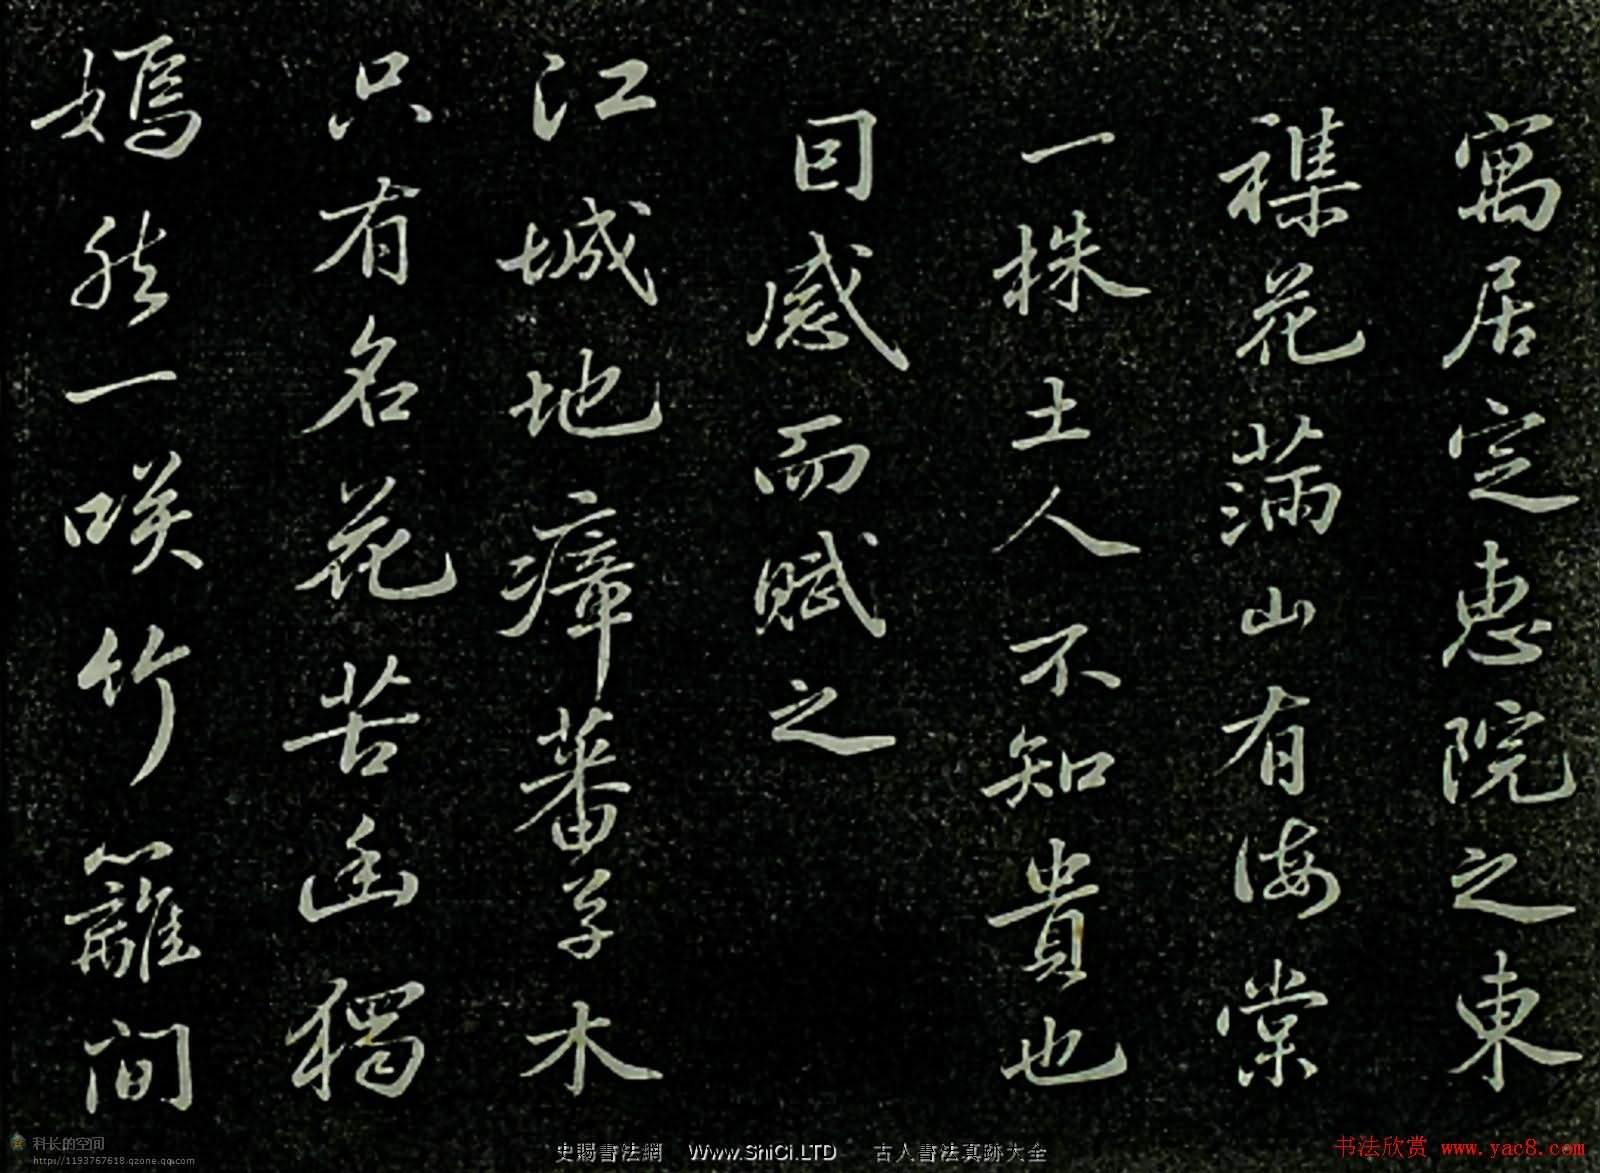 蘇東坡書法真跡欣賞《定慧院海棠詩》(共6張圖片)